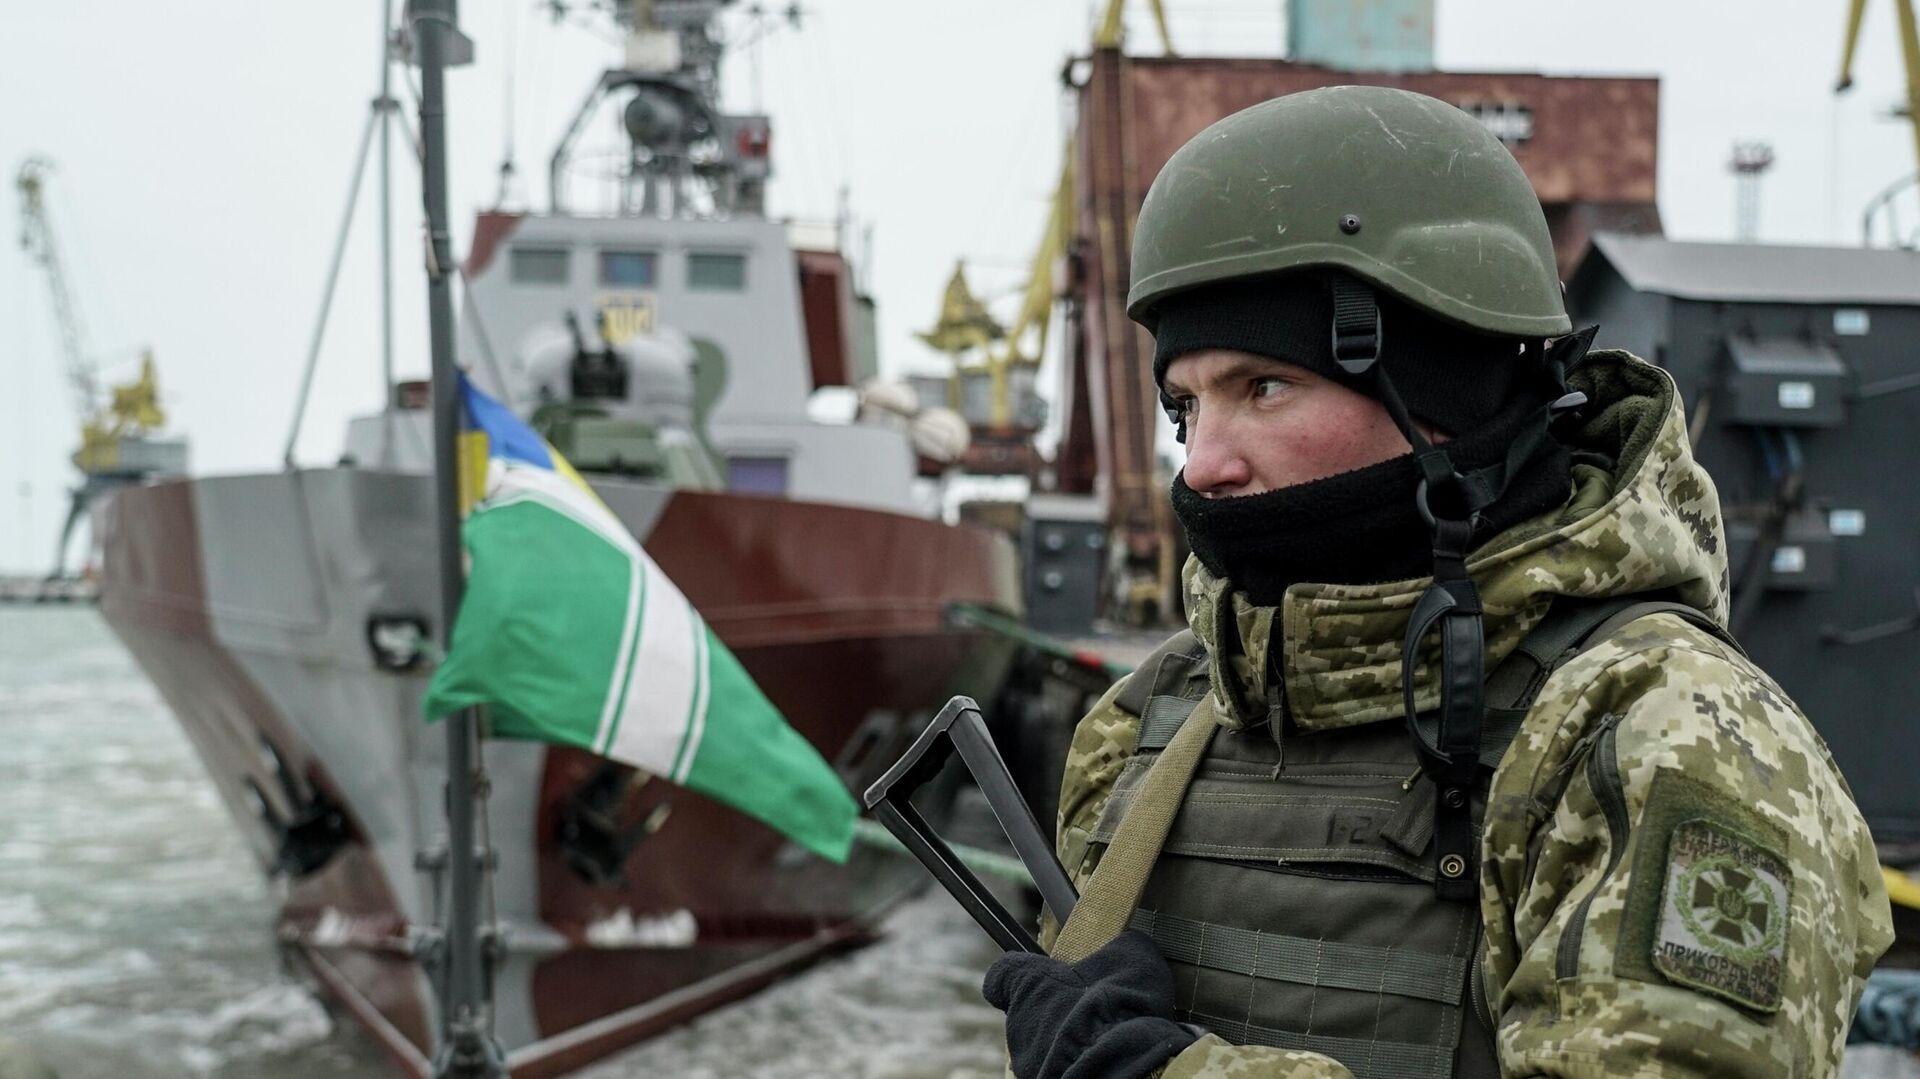 Украинский военнослужащий на борту корабля береговой охраны в порту Мариуполя - РИА Новости, 1920, 19.11.2020